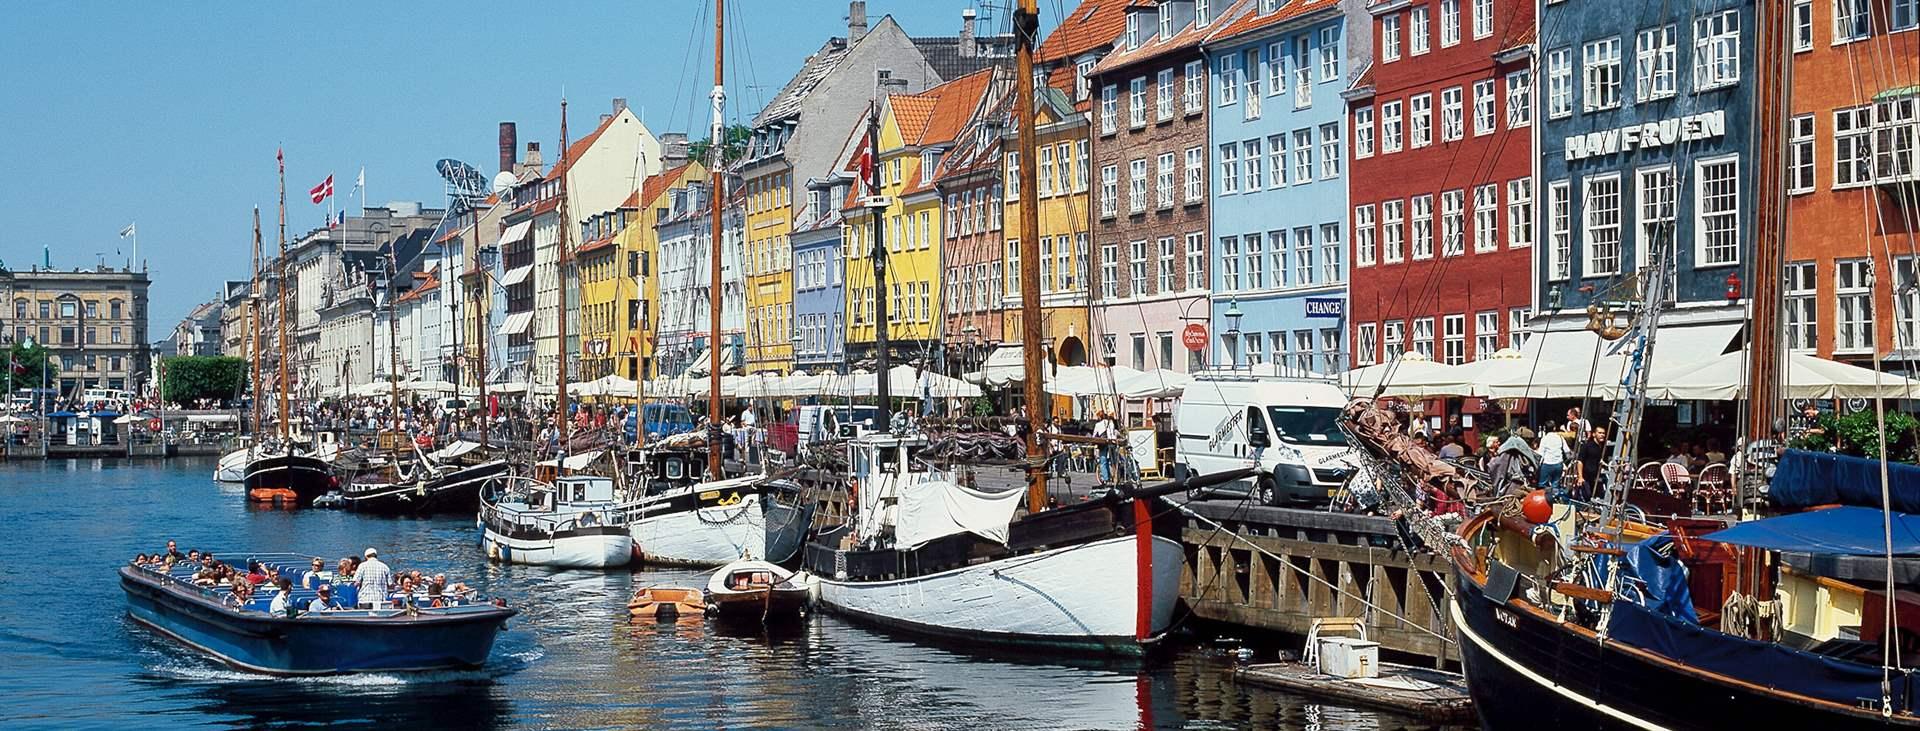 Boka en resa till Köpenhamn med Ving